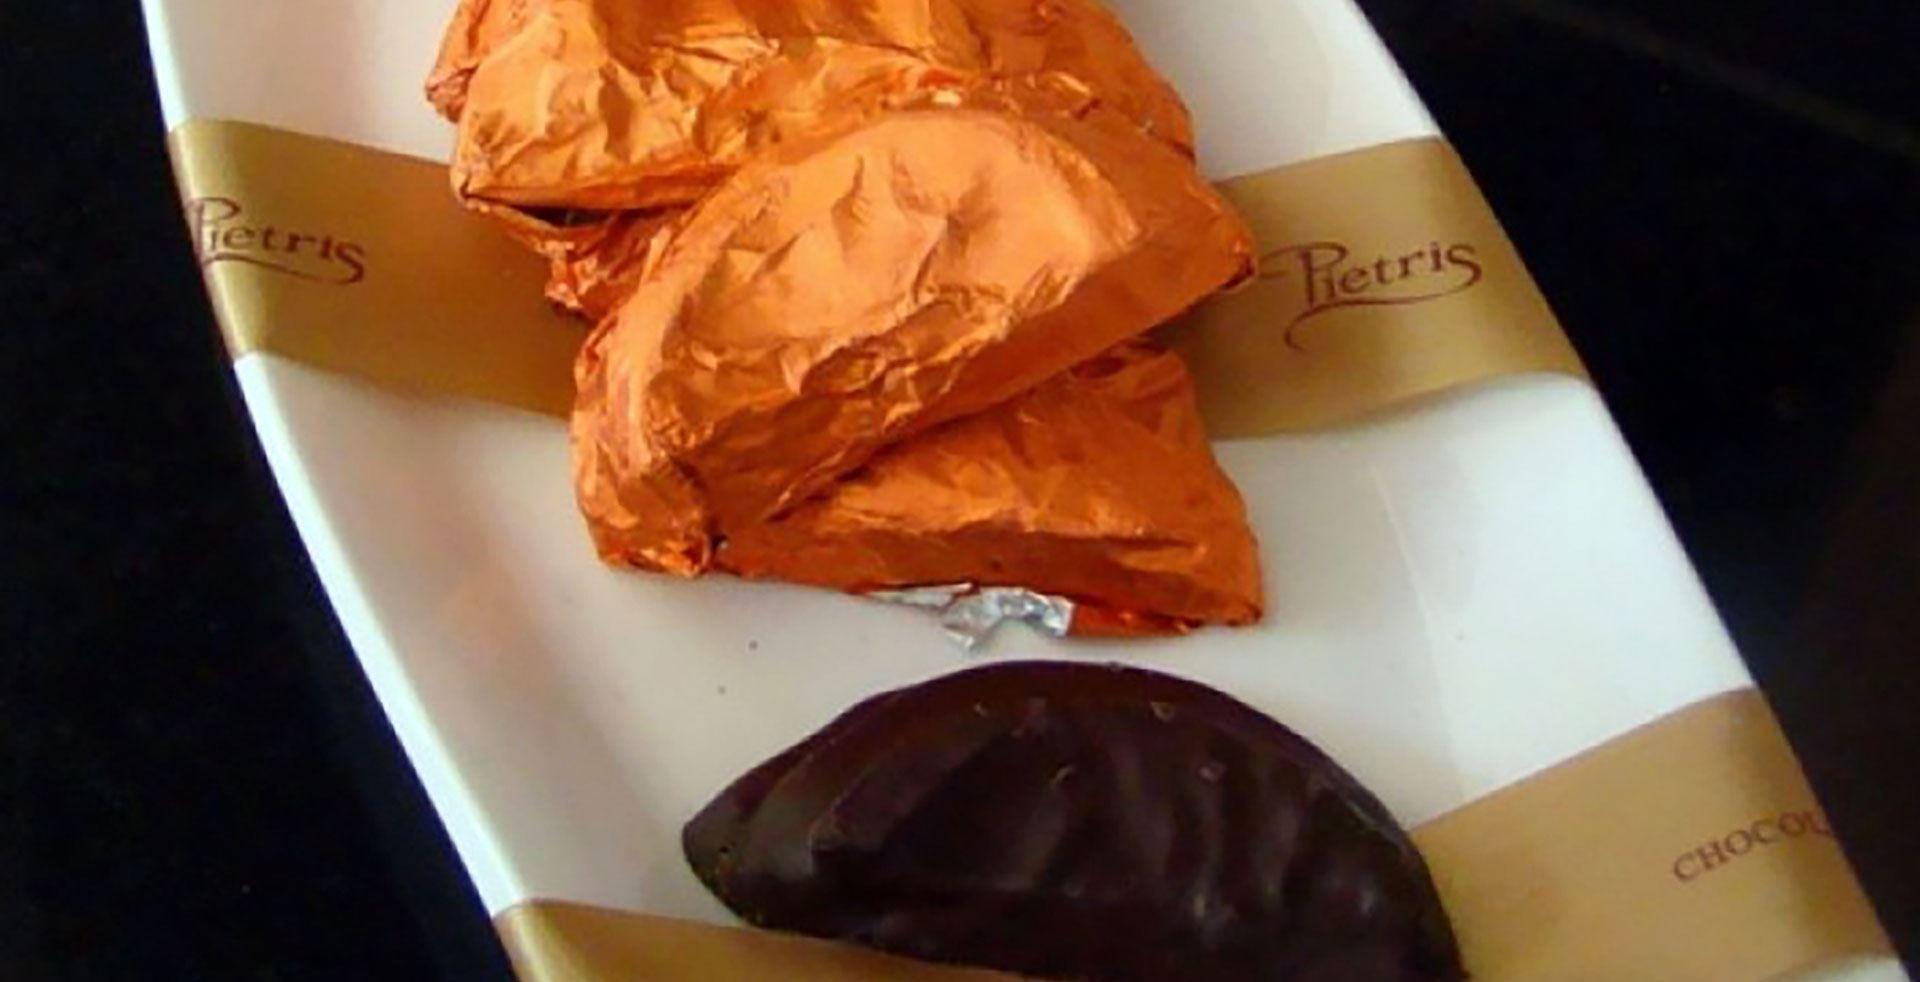 Μάρτζιπαν Πορτοκάλι